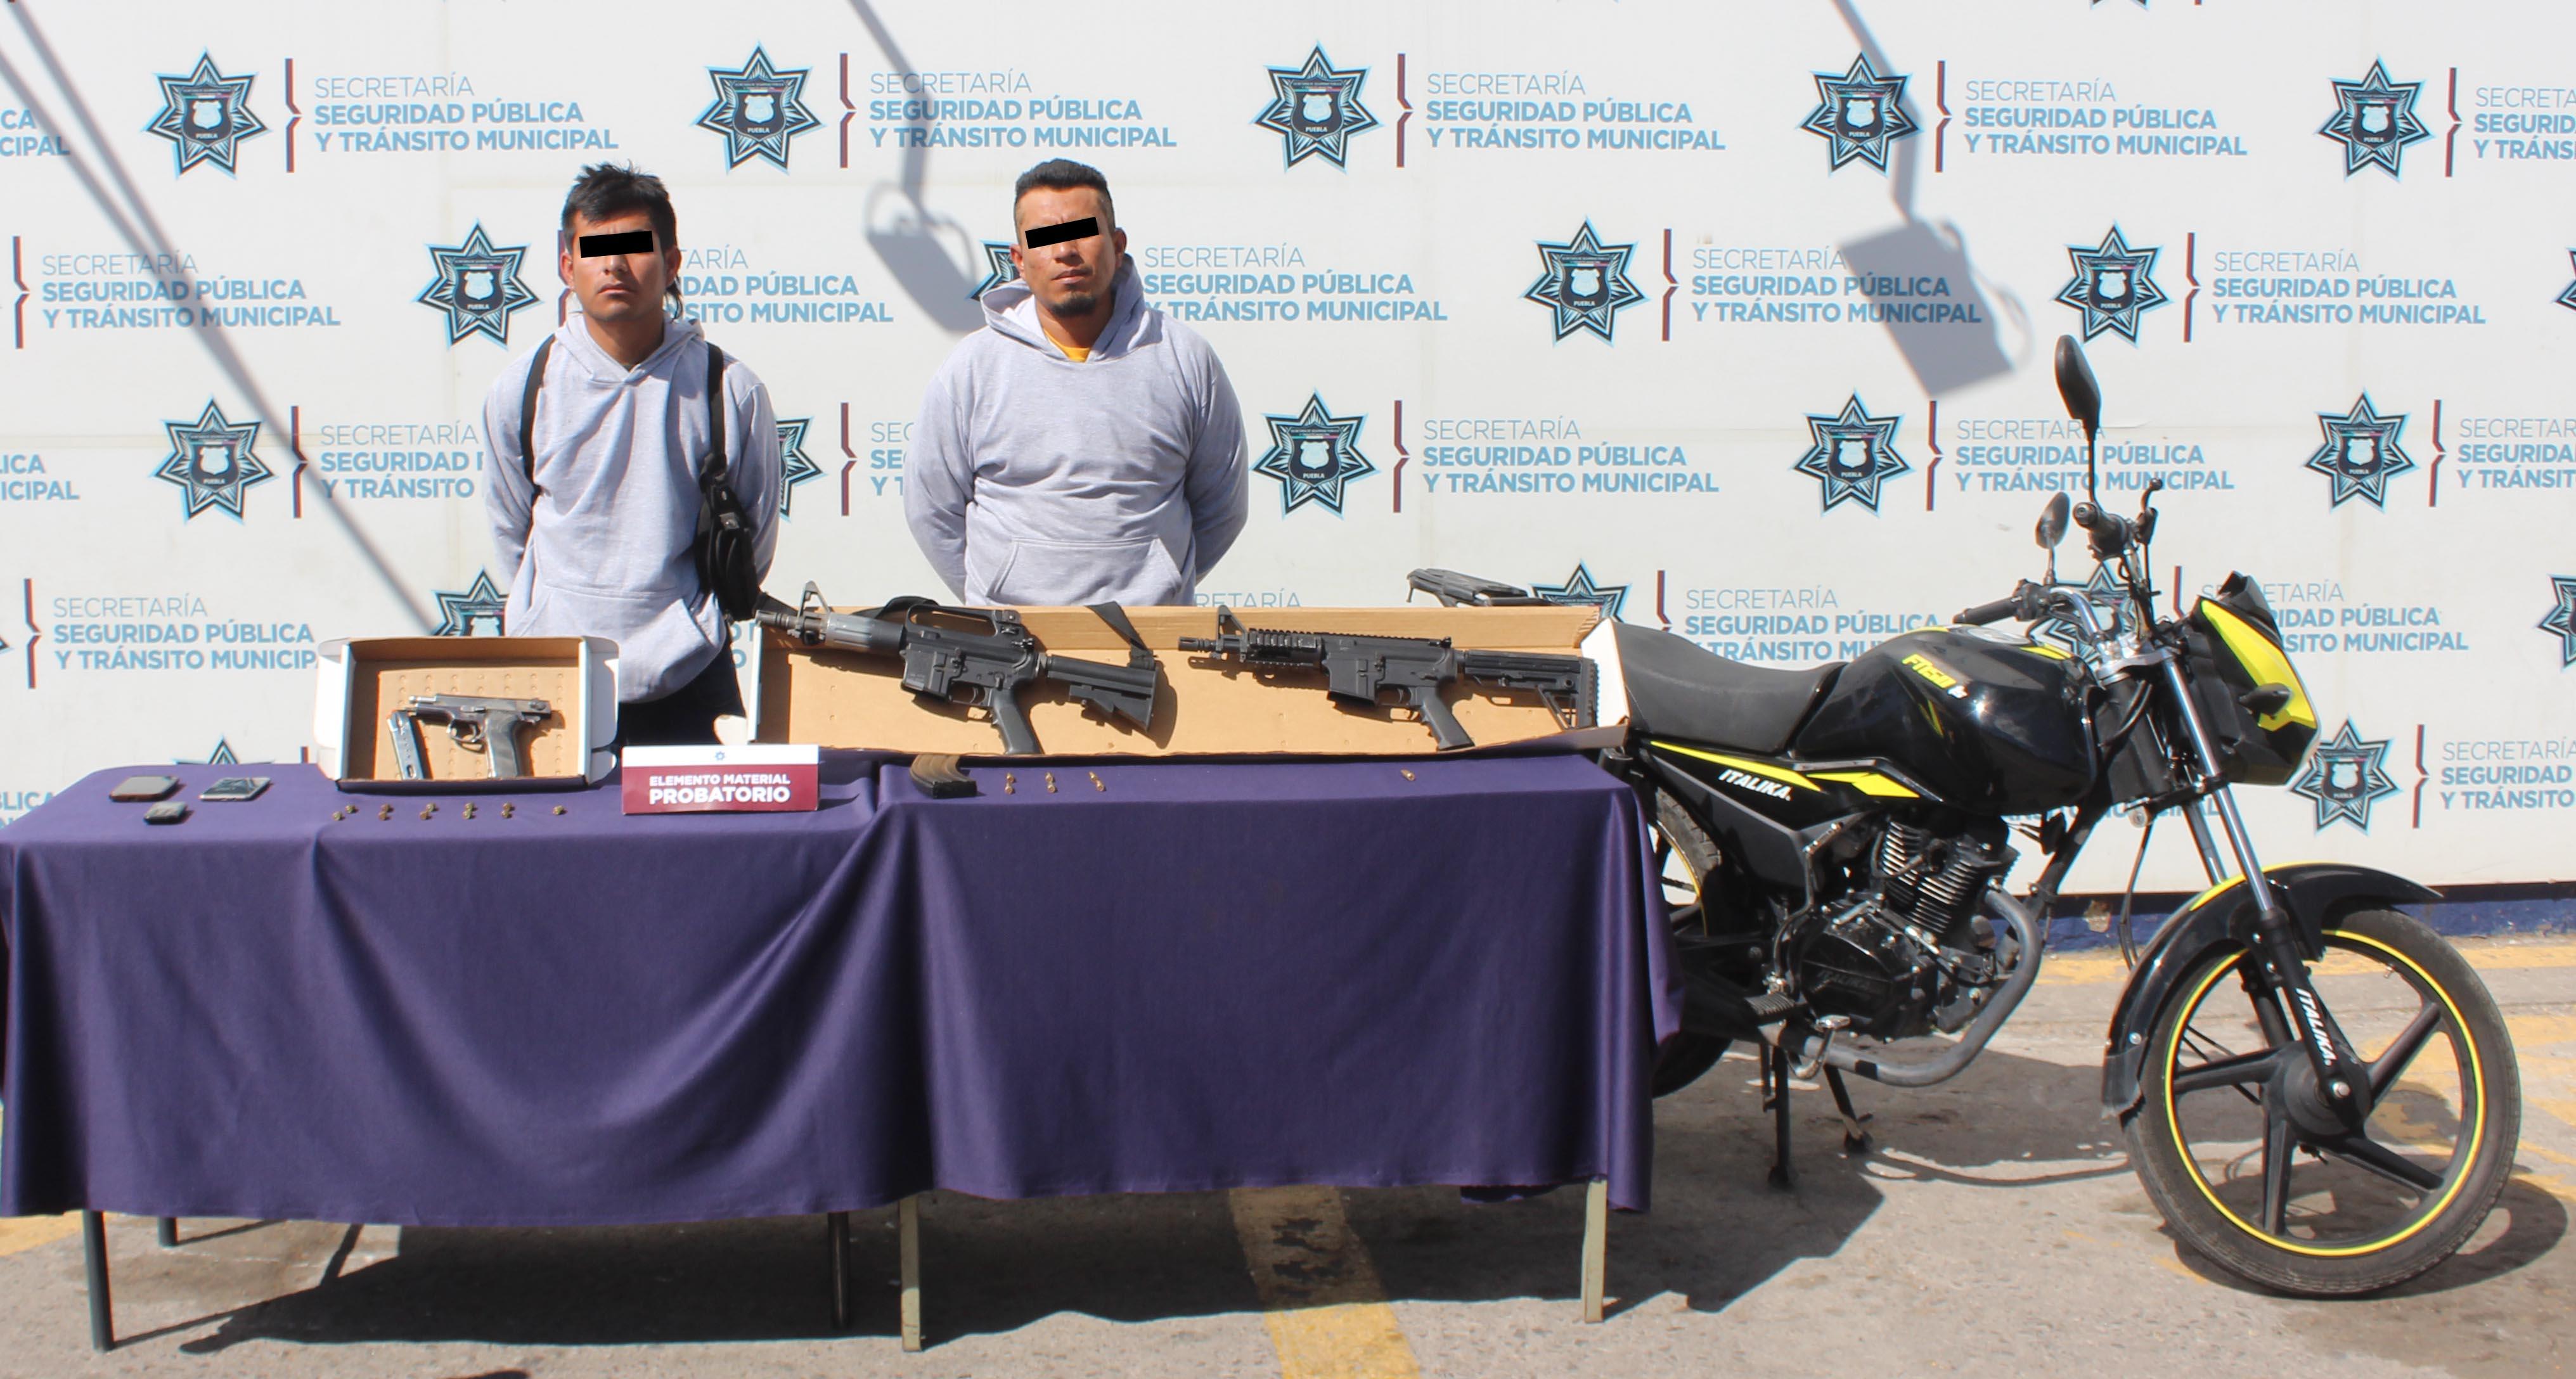 Exitosamente,detuvo policía municipal de Puebla a dos hombres por homicidio y lesiones en bosques de Santa Anita.